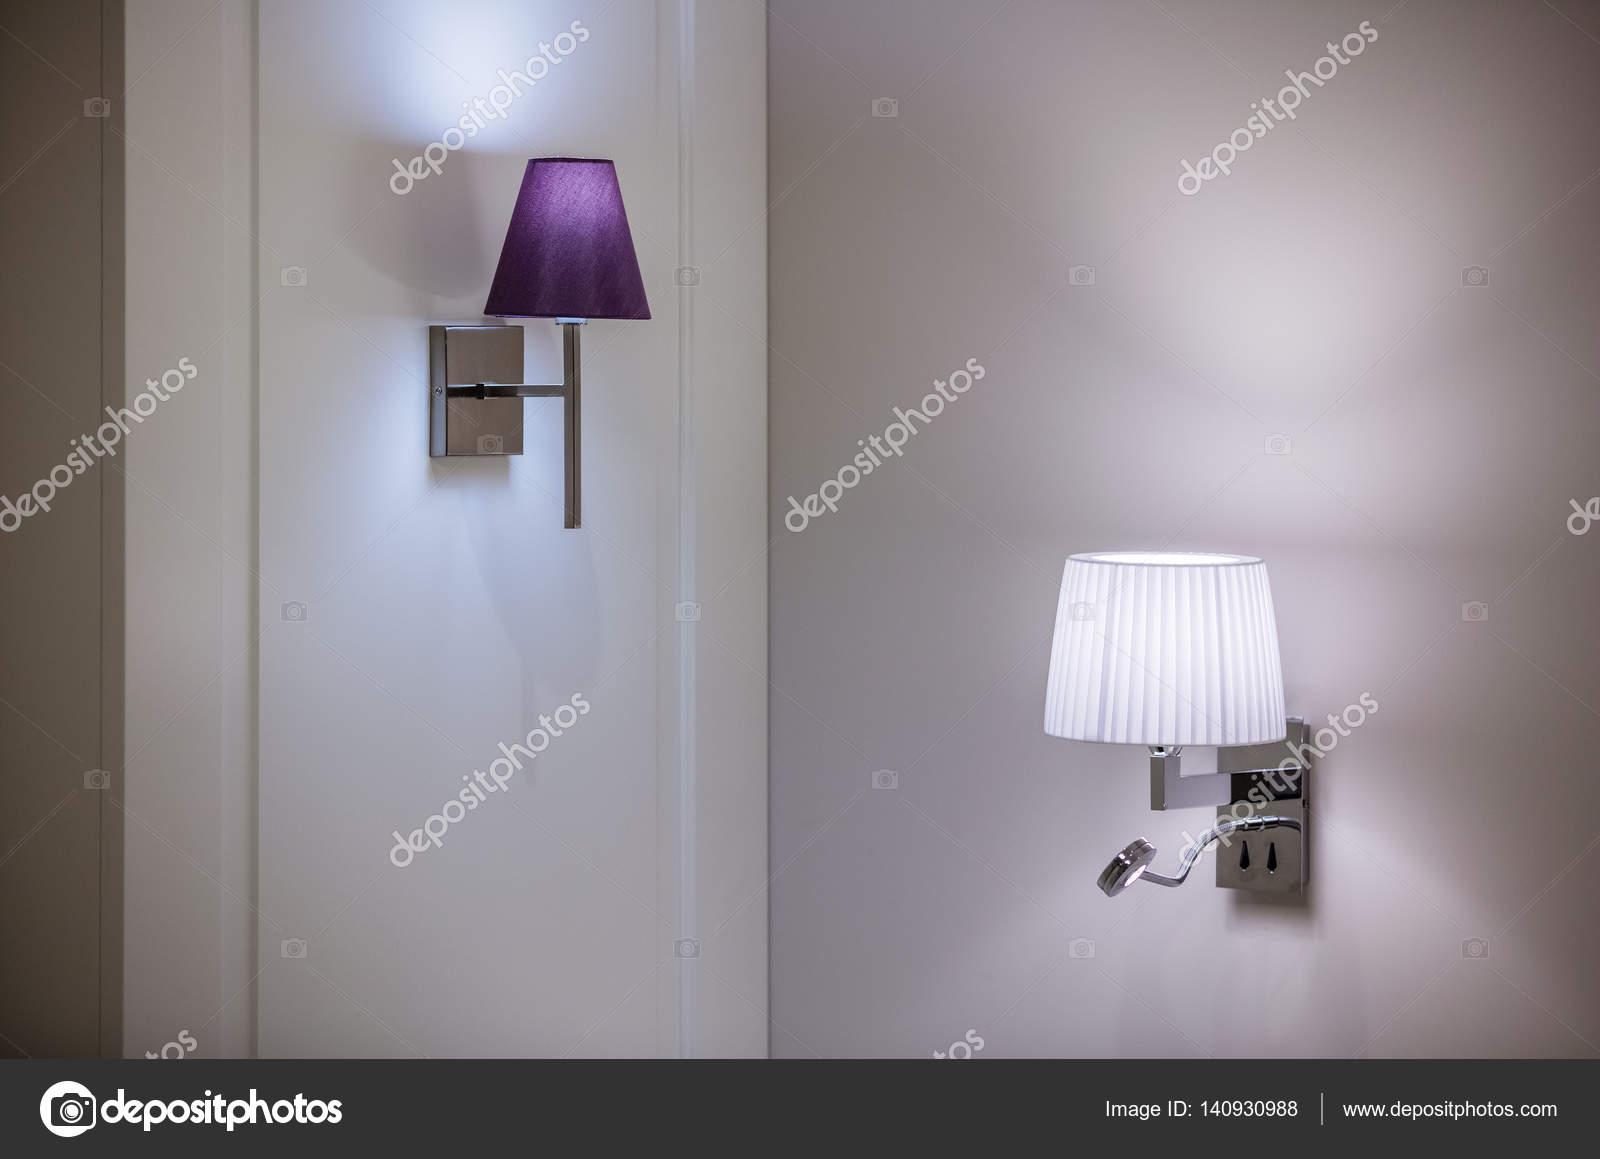 Plafoniere Da Parete Moderne : Lampade da parete staffa u foto stock photobac